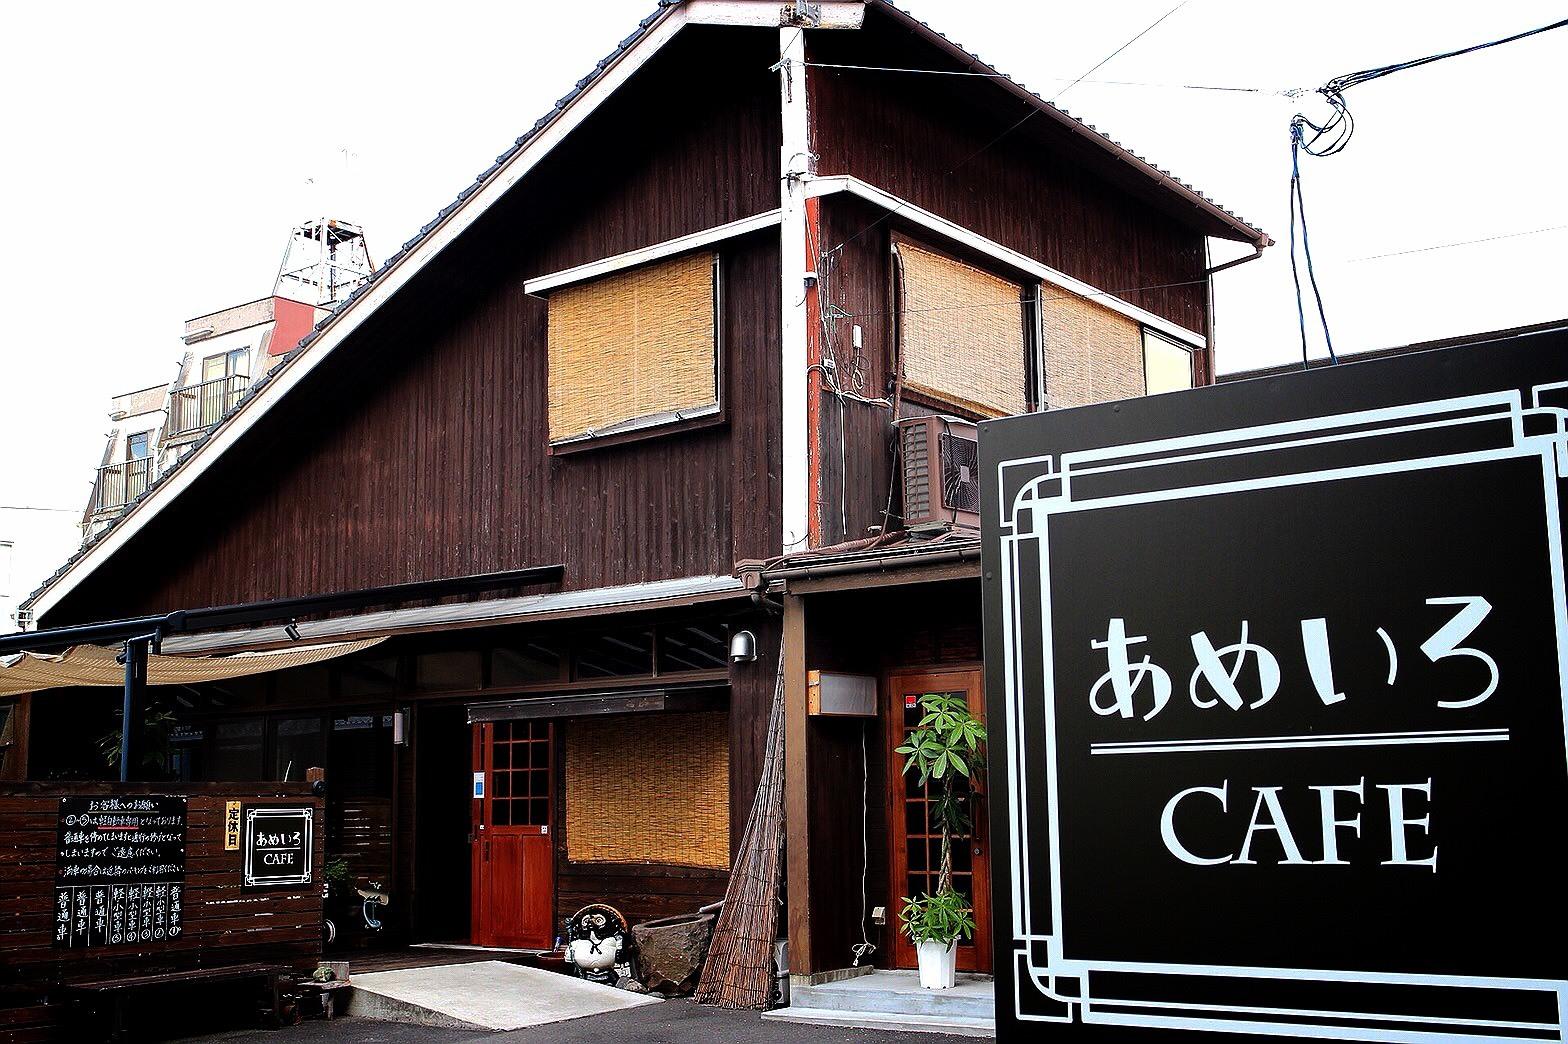 宮崎市内にある『あめいろCAFE』の外観